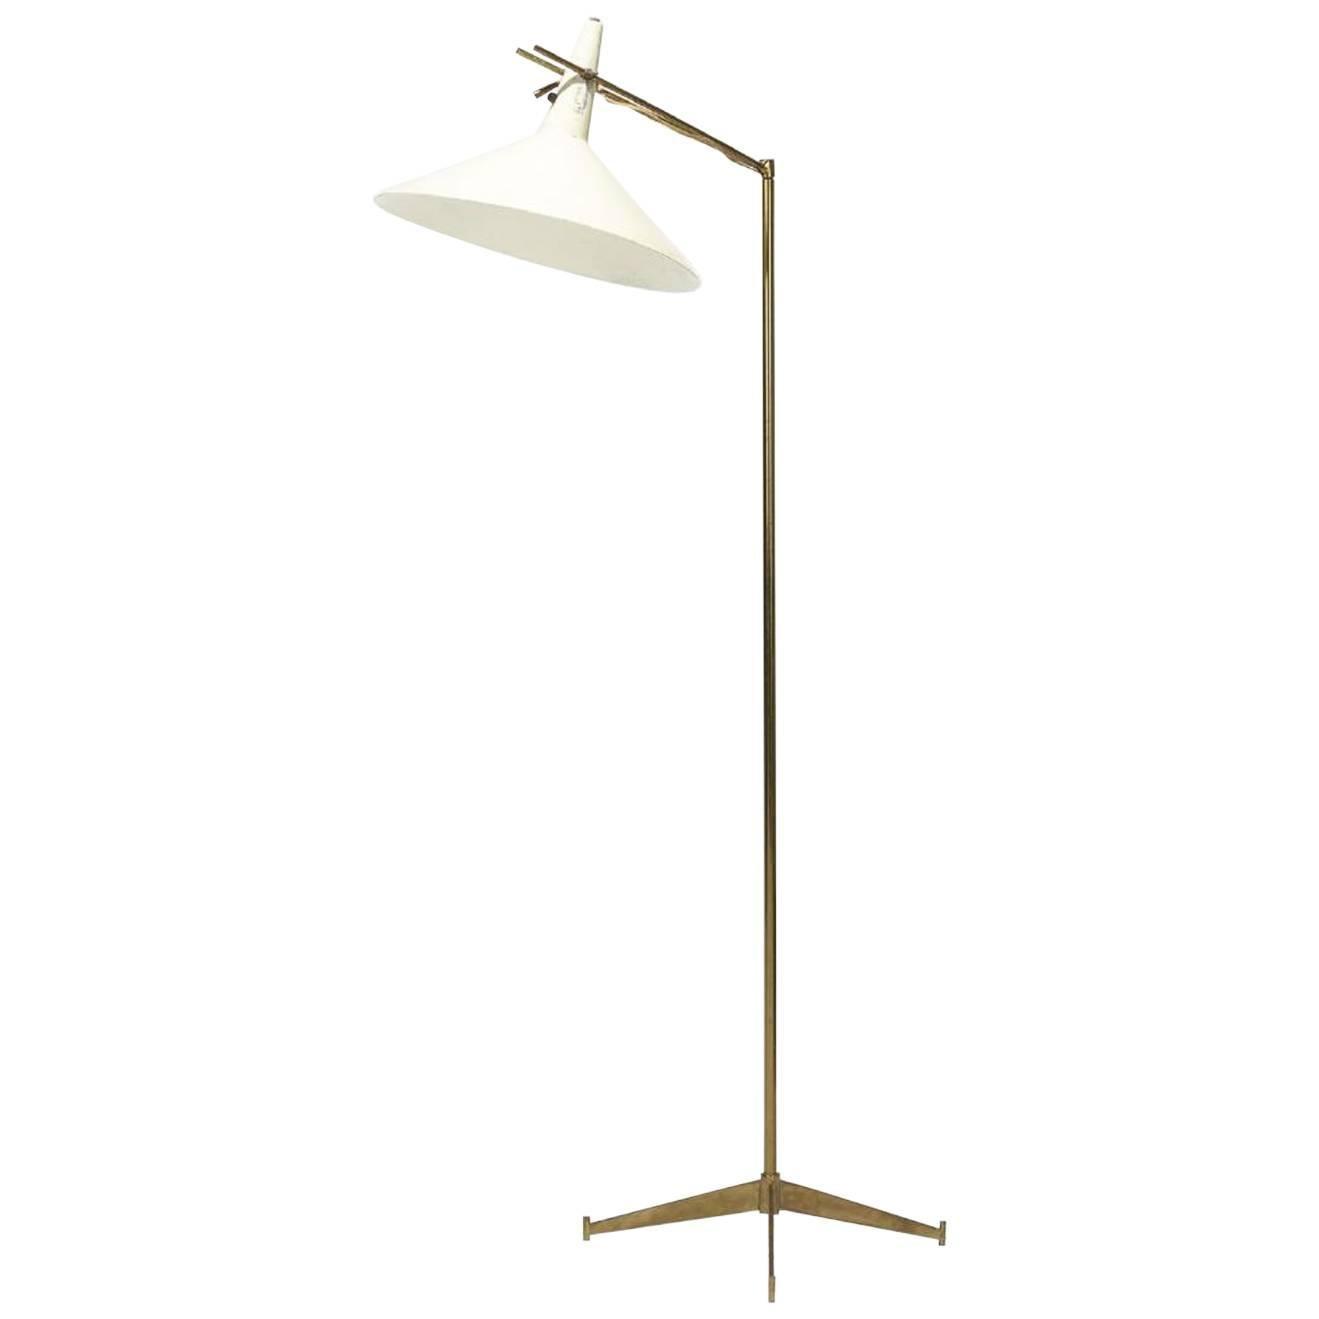 rare paul mccobb e11 floor lamp for directional